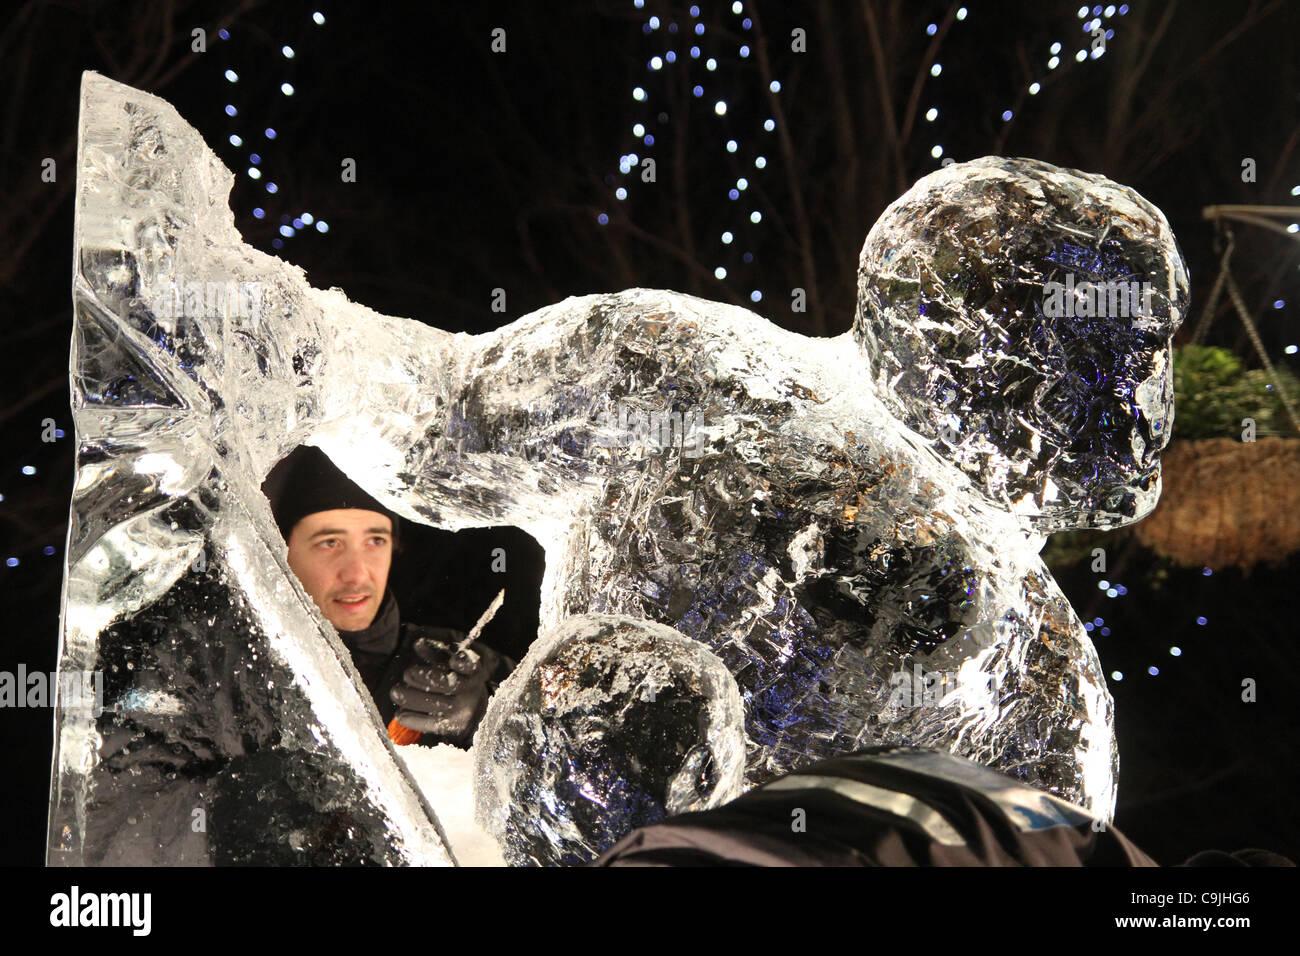 L'équipe portugaise composée de Pedro Mira & Niall Magee ciseau sur leur glace sculpture à Photo Stock